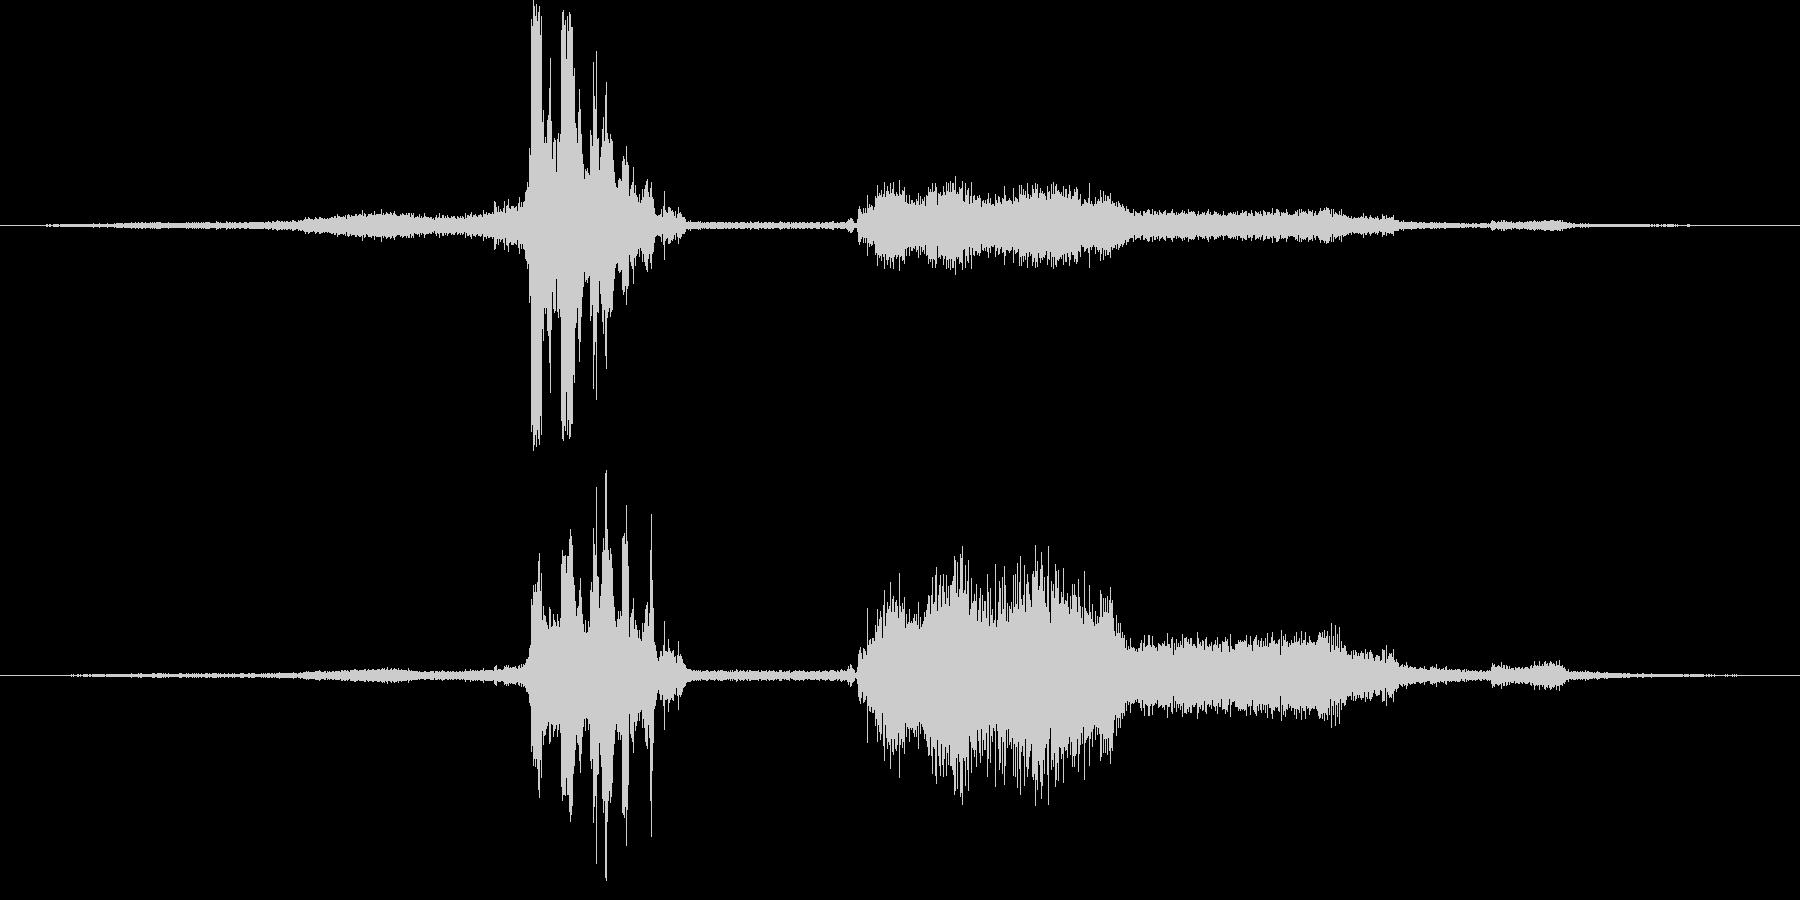 シボレーカマロ:Ext:高速で左に...の未再生の波形